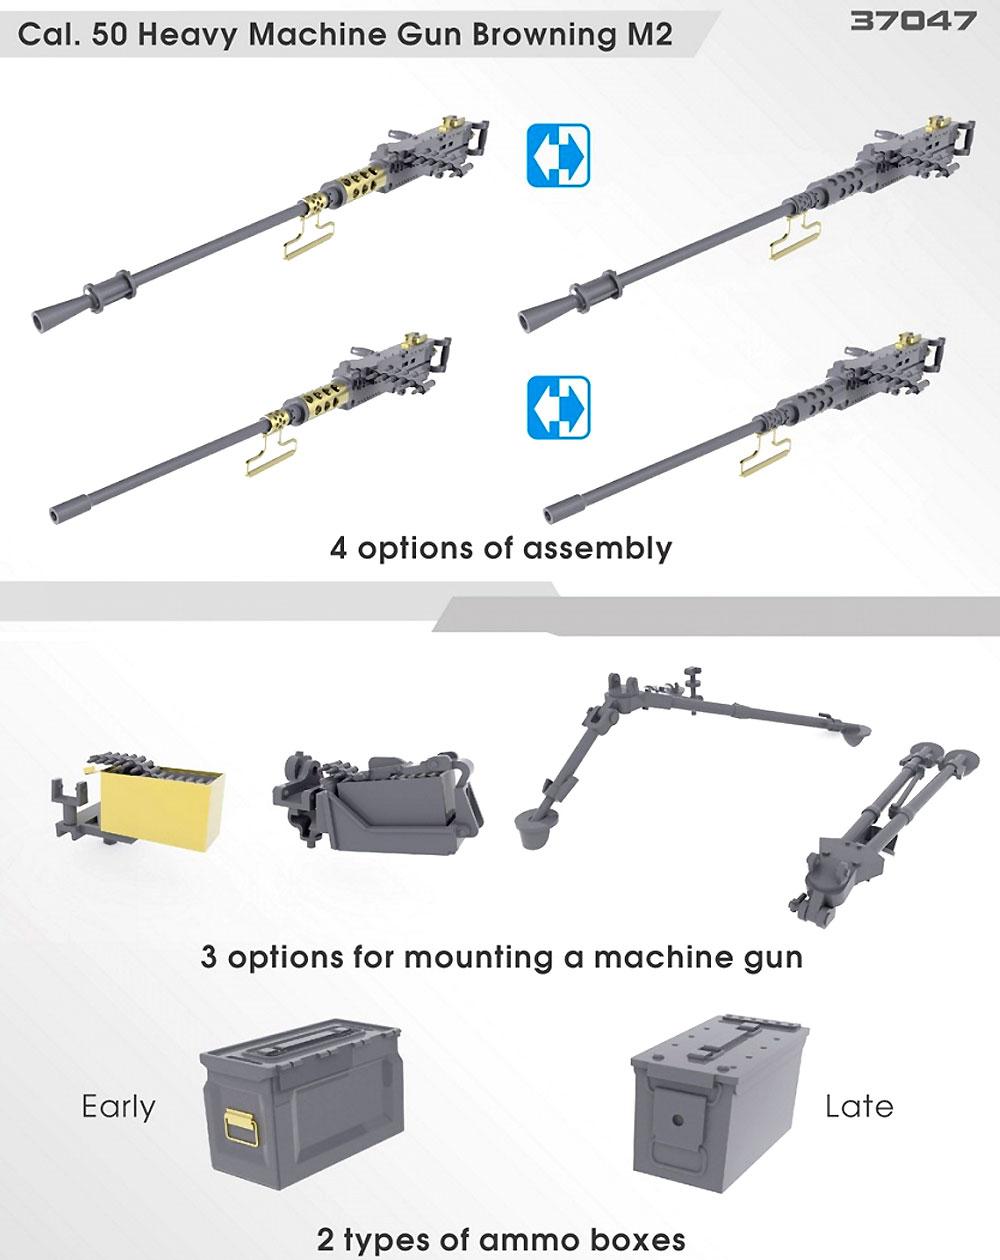 アメリカ 重機関銃セットプラモデル(ミニアート1/35 ミリタリーミニチュアNo.37047)商品画像_2